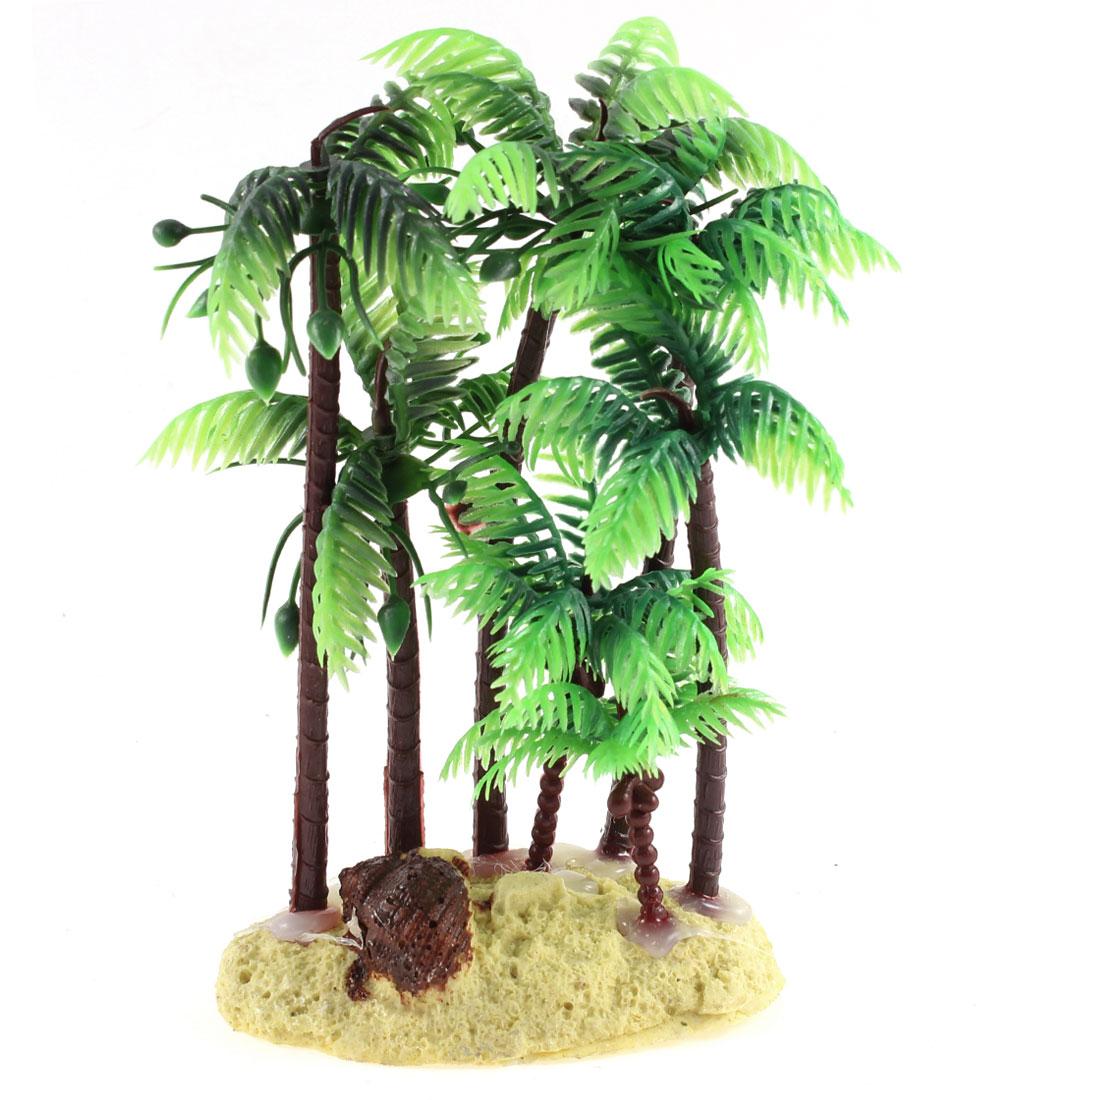 Fish Tank Green Brown Artificial Aquarium Plant Aquatic Coconut Palm Ornament 16cm w Ceramic Base